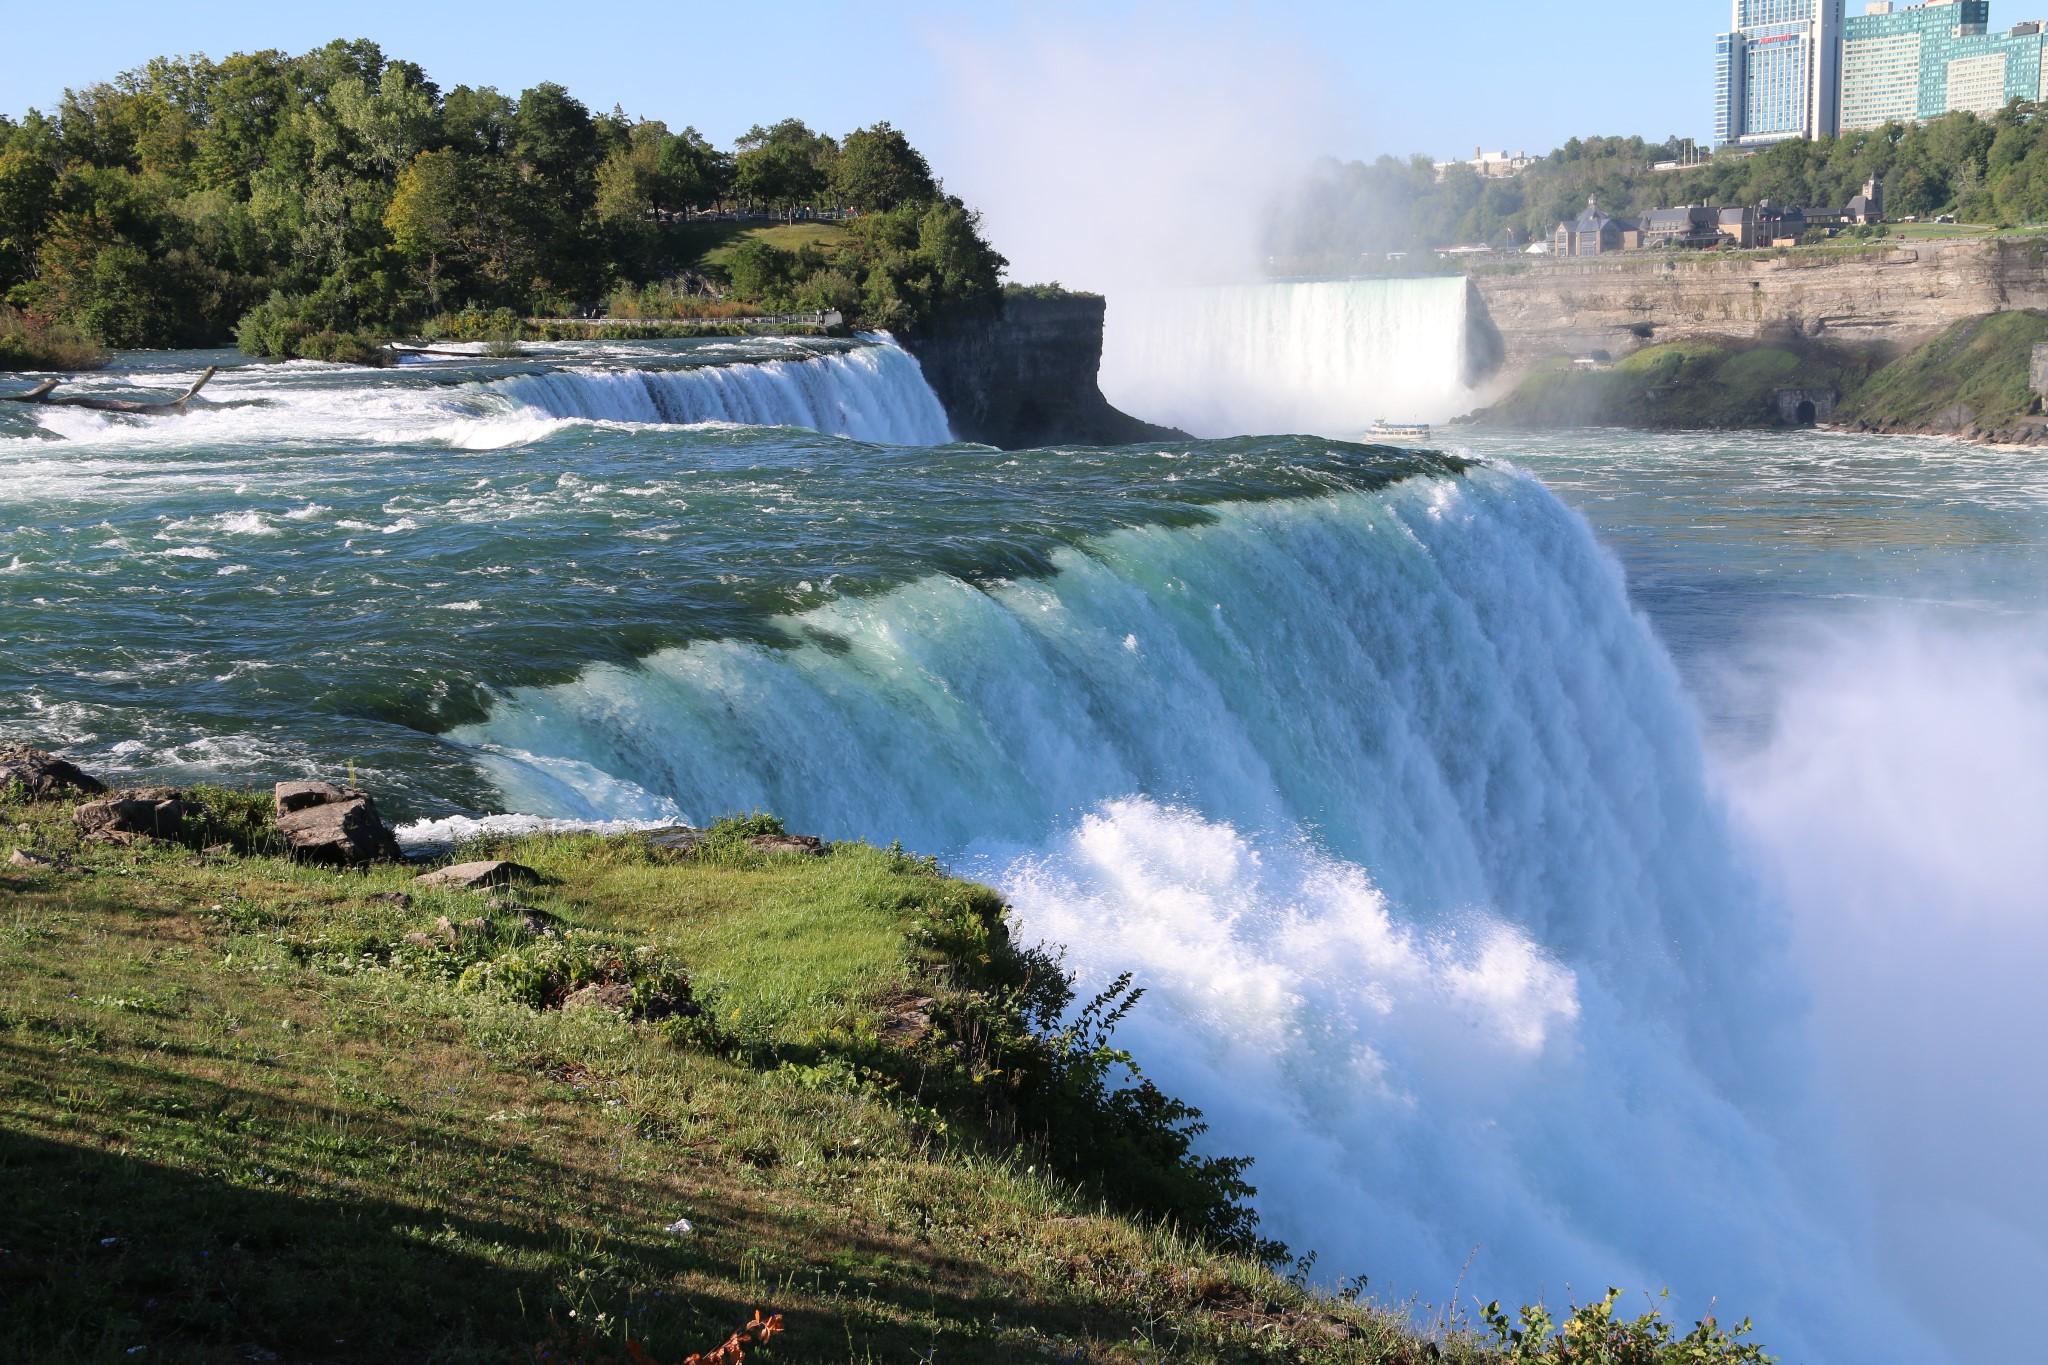 美国东西海岸芝加哥夏威夷大瀑布14天